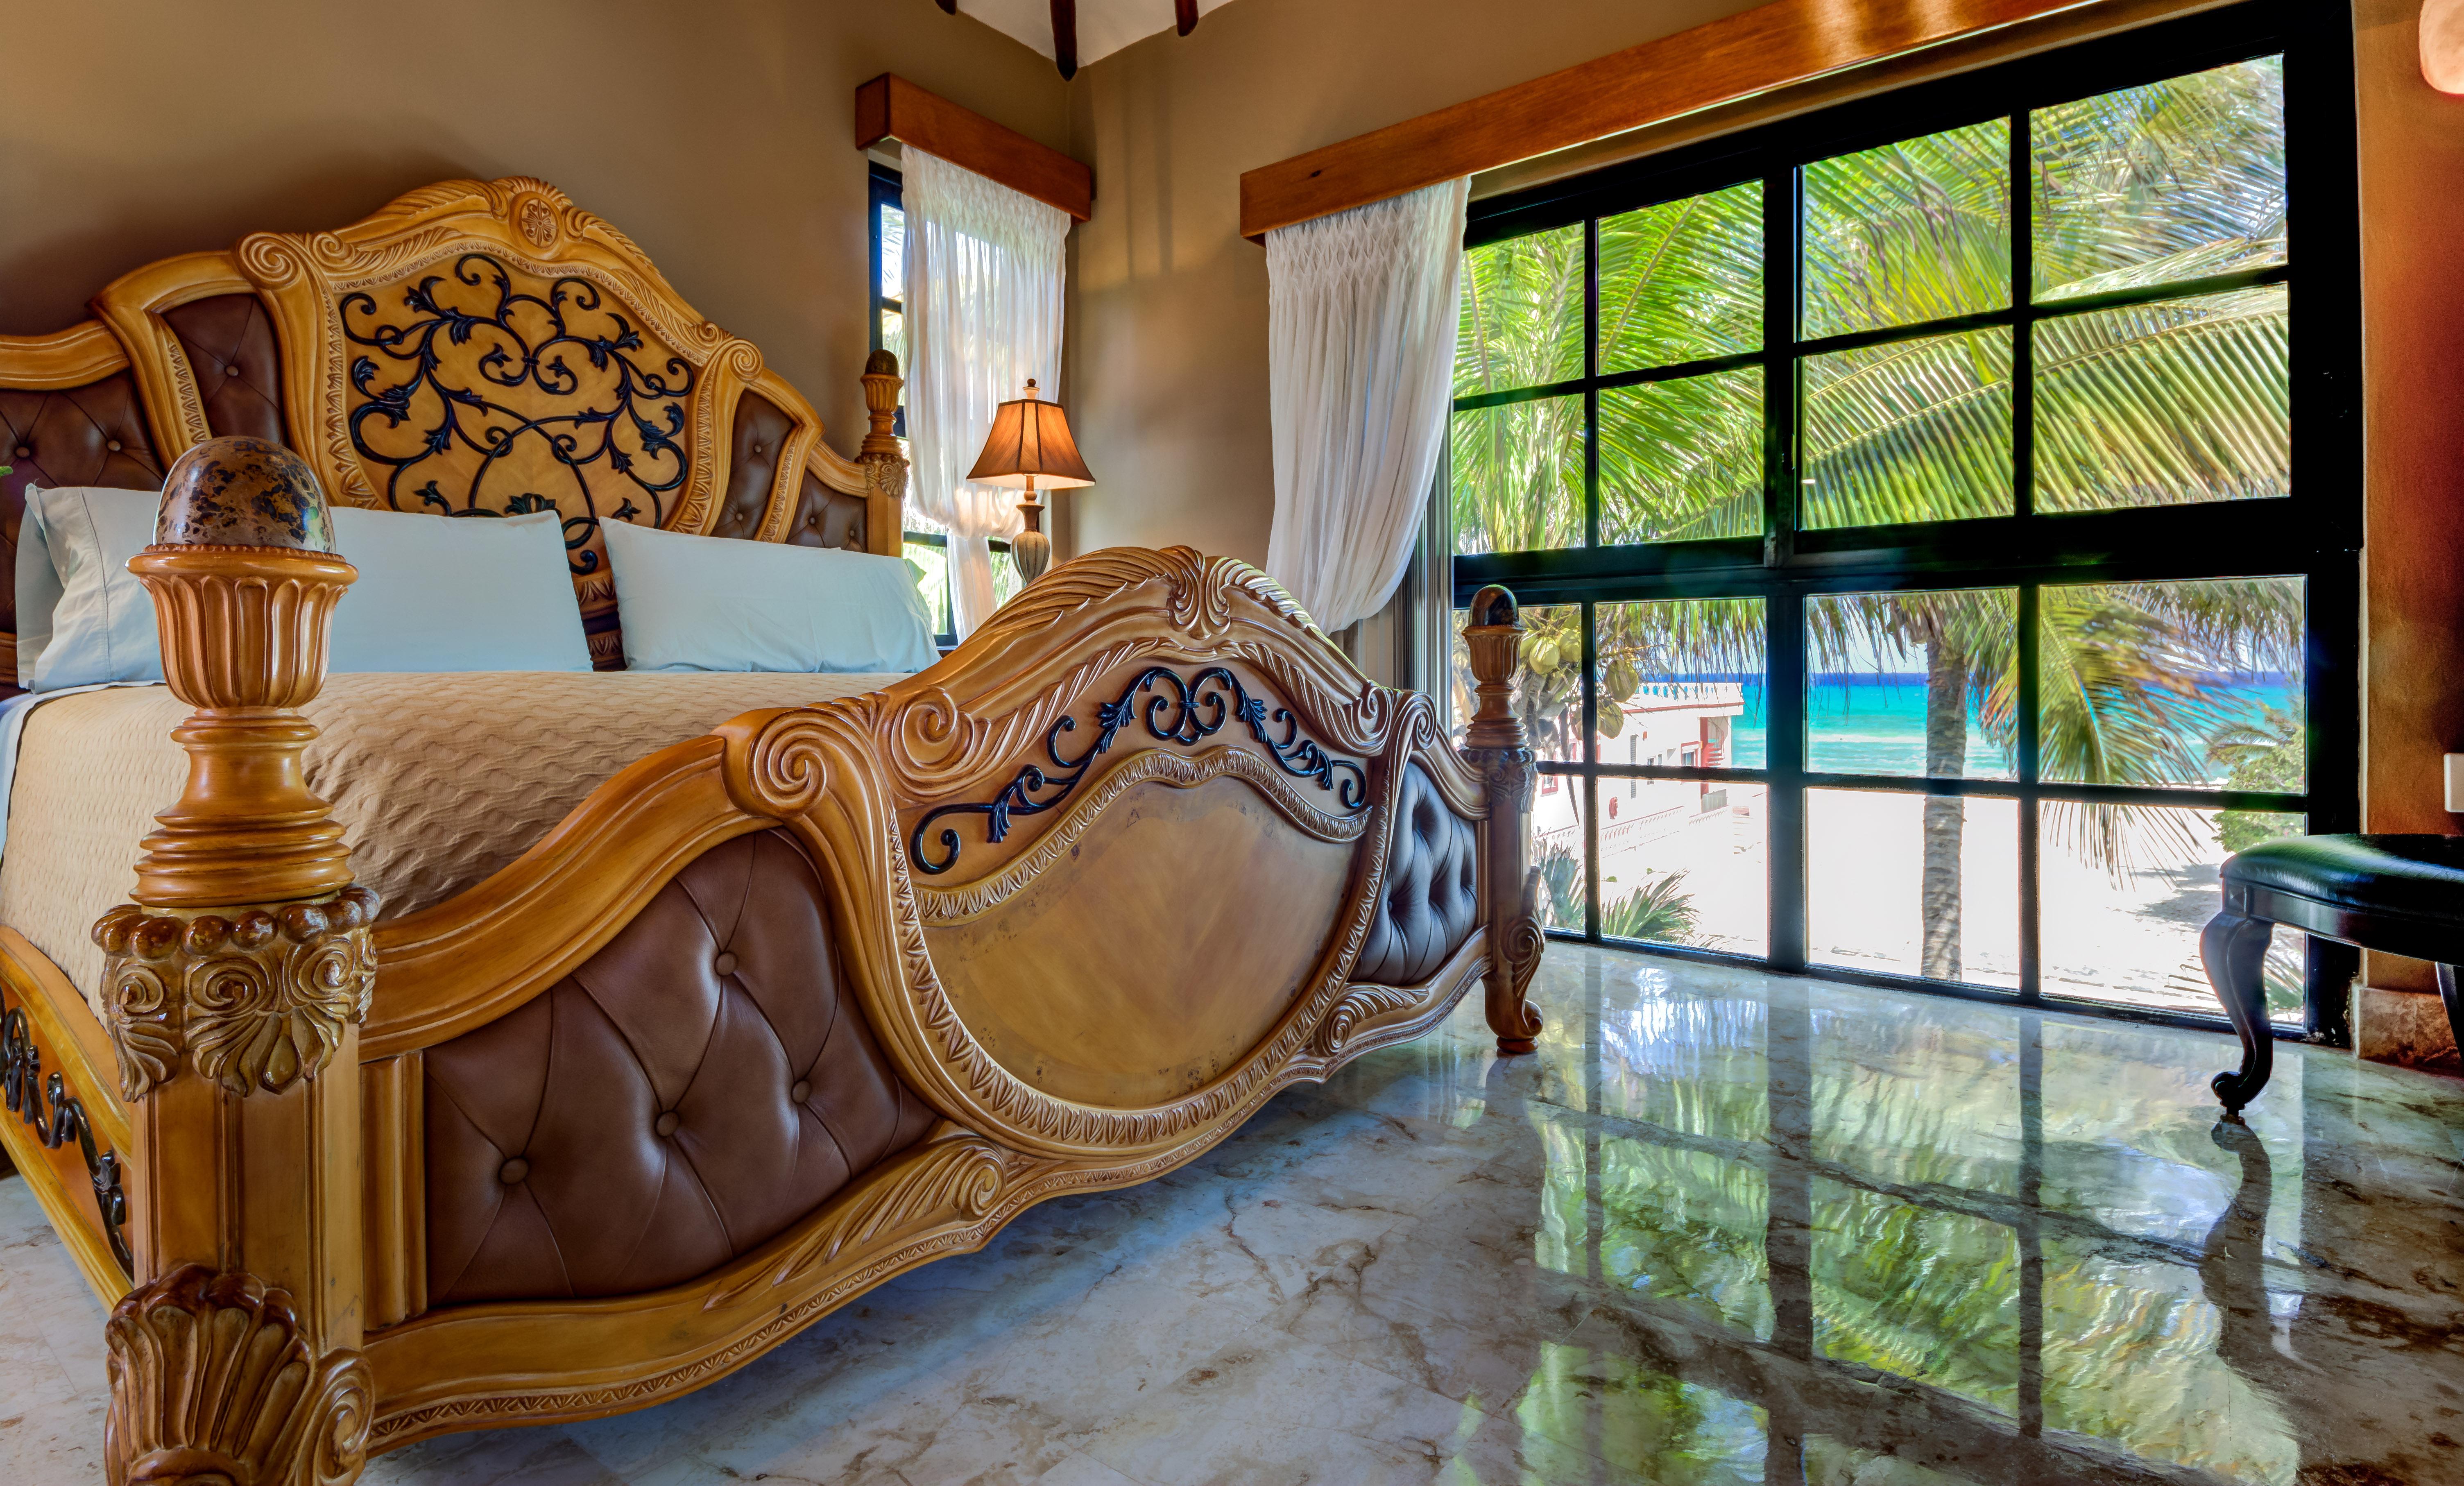 Casa_Juanita_yourescape_Playa_del_Carmen_Riviera_Maya_Mexico23